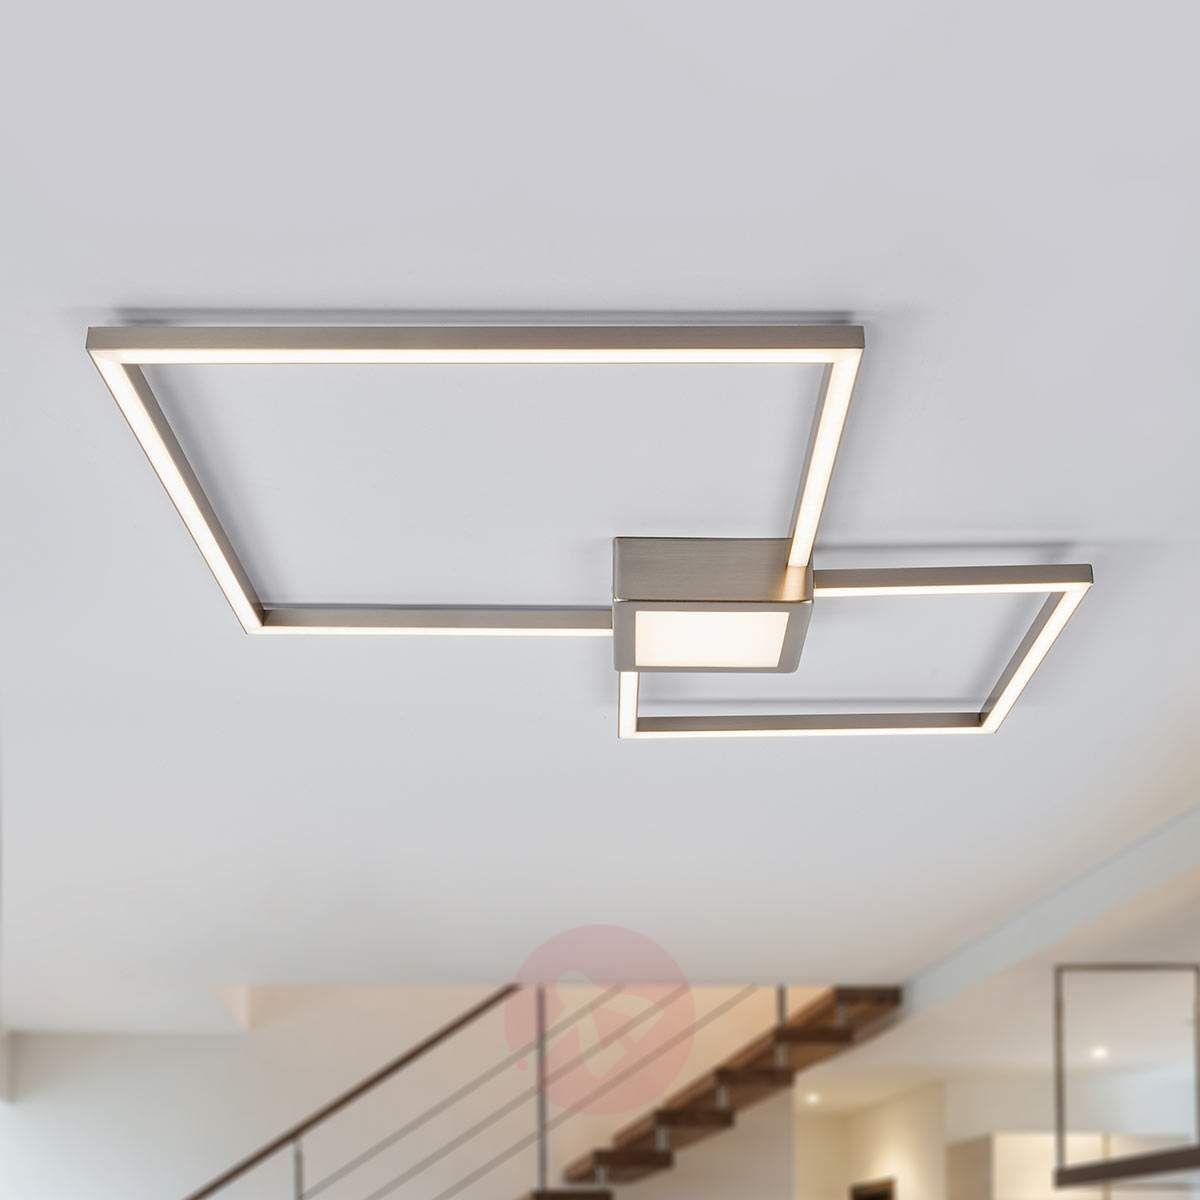 oswietlenie do salonu nowoczesne | białe lampy wiszące